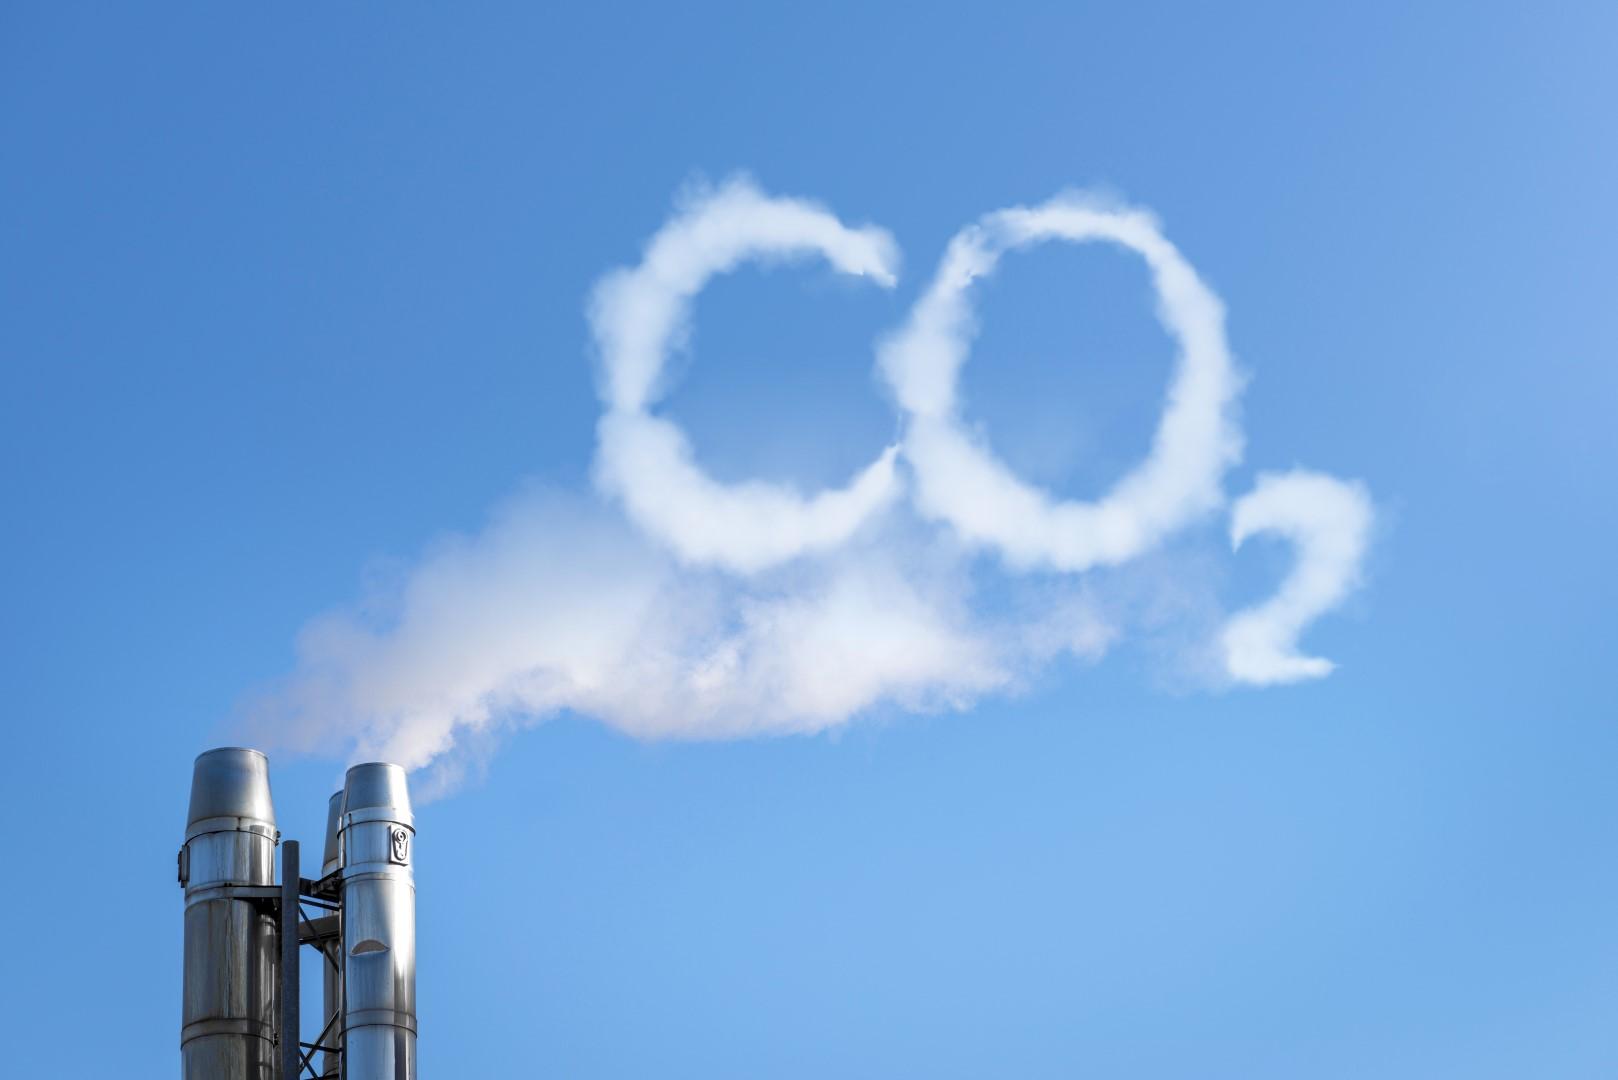 Hogere CO2-prijs zorgt voor stijgende energieprijzen